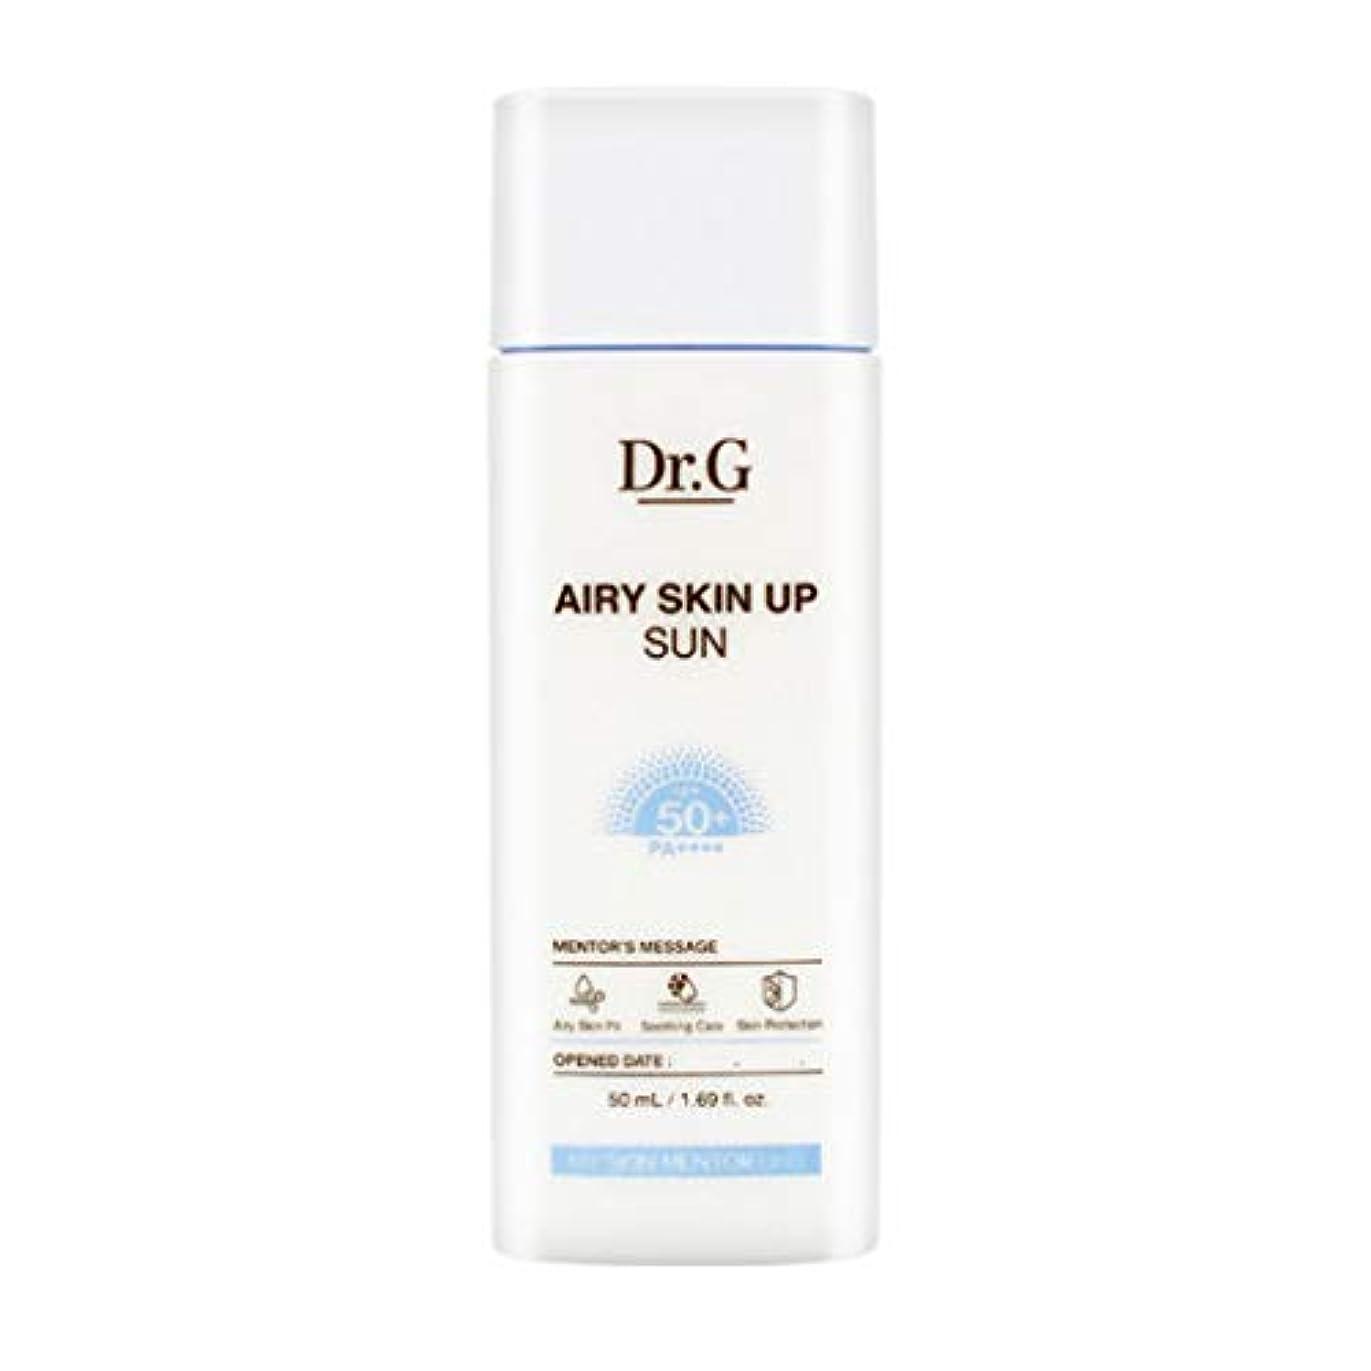 固体少なくとも冗長Dr.G ドクタージー Airy Skin Up Sun エアリースキンアップサン (50ml) SPF50+ PA++++ Dr G DrG 日焼け止め